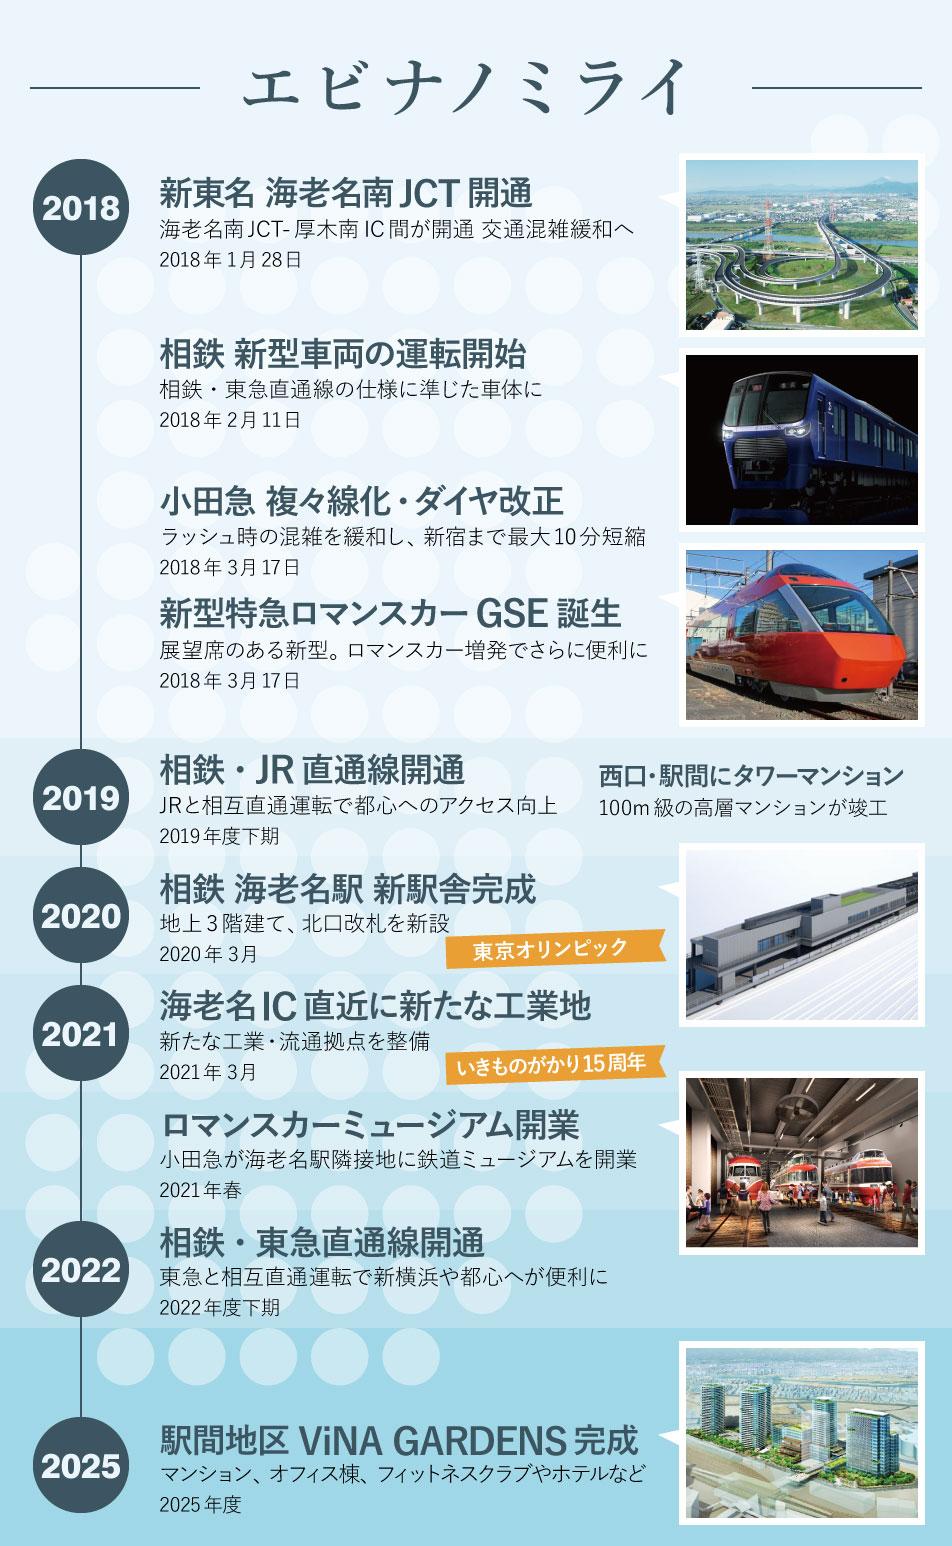 エビナノミライ – 海老名の未来 2018年~2025年の開発・発展まとめ